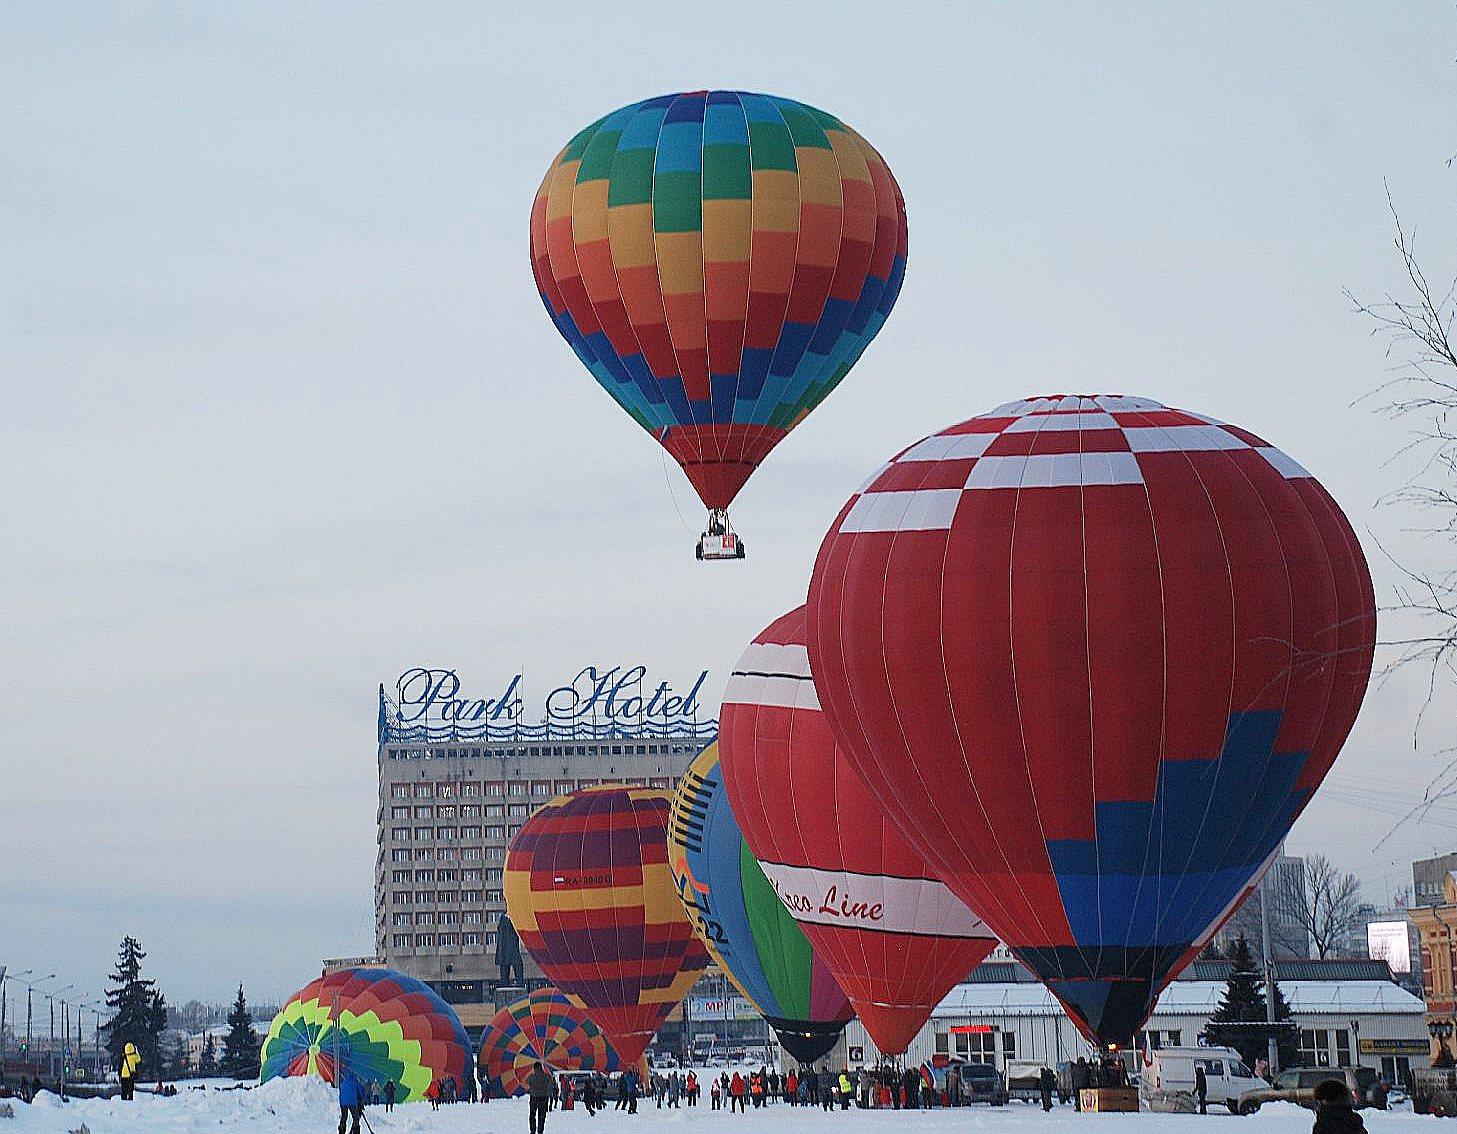 10 аэростатов пролетят над Нижним Новгородом 24февраля